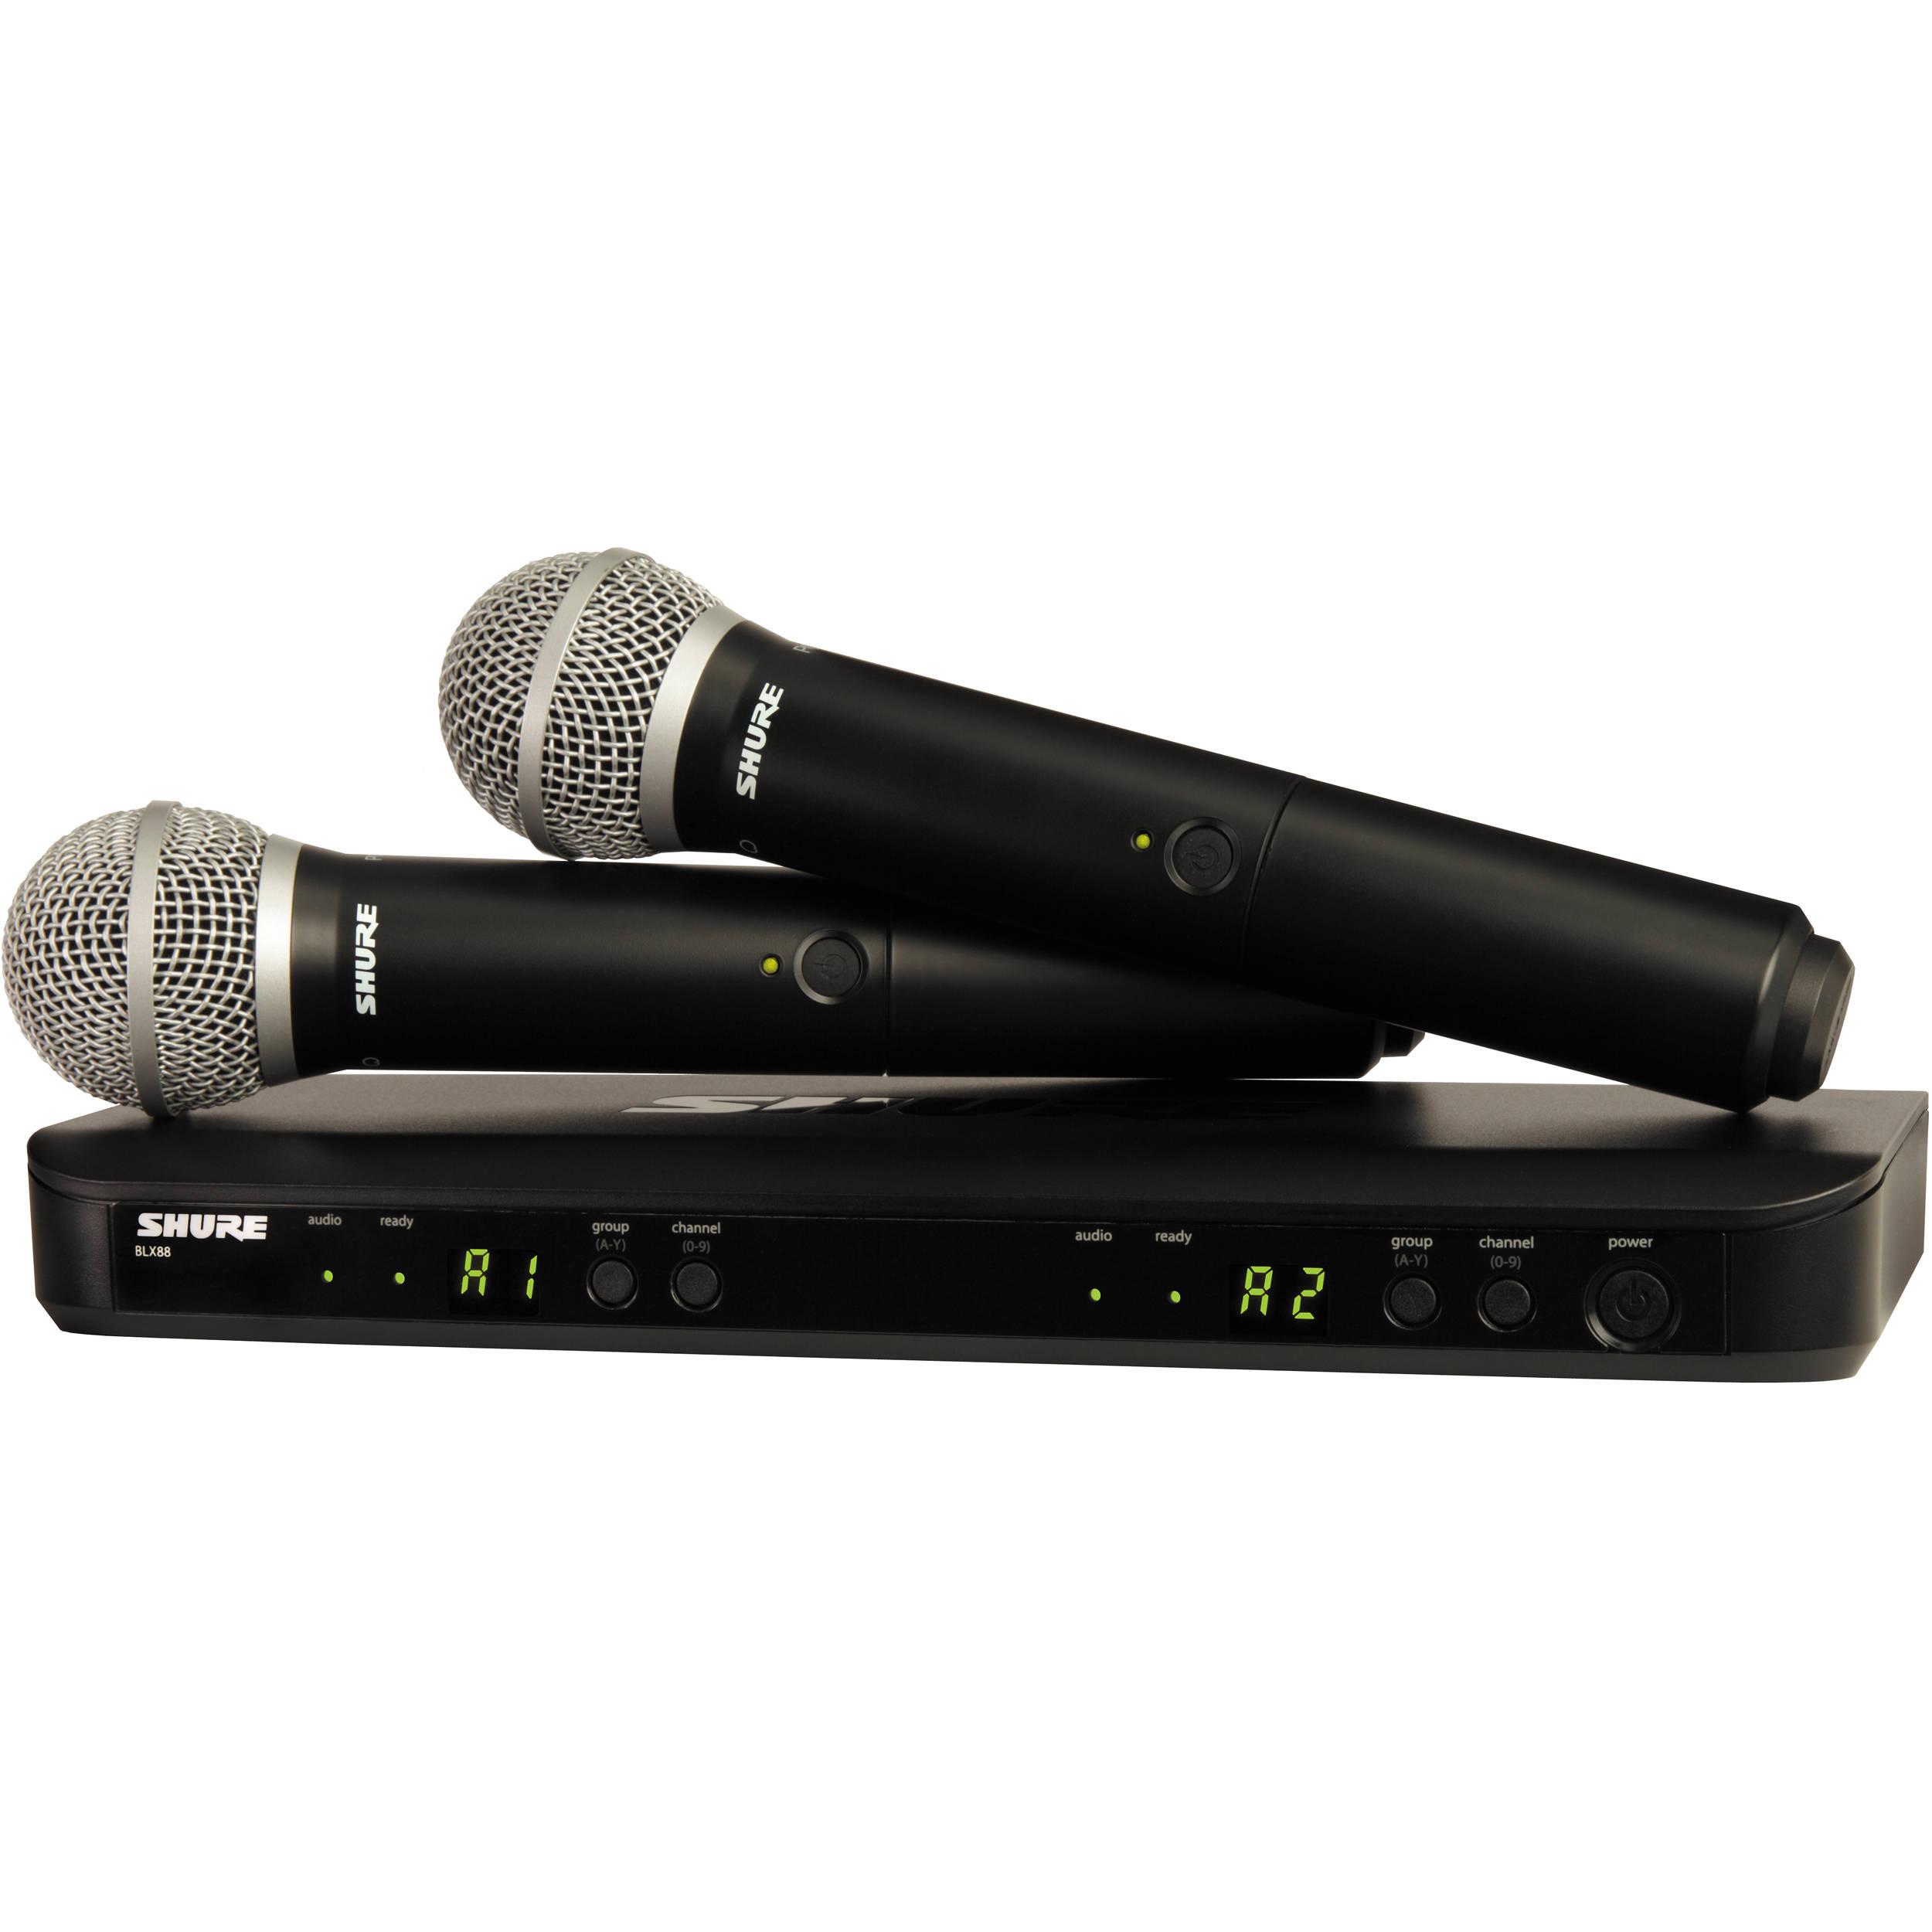 Shure BLX288/PG58 Dual-Transmitter Handheld BLX288/PG58 ...